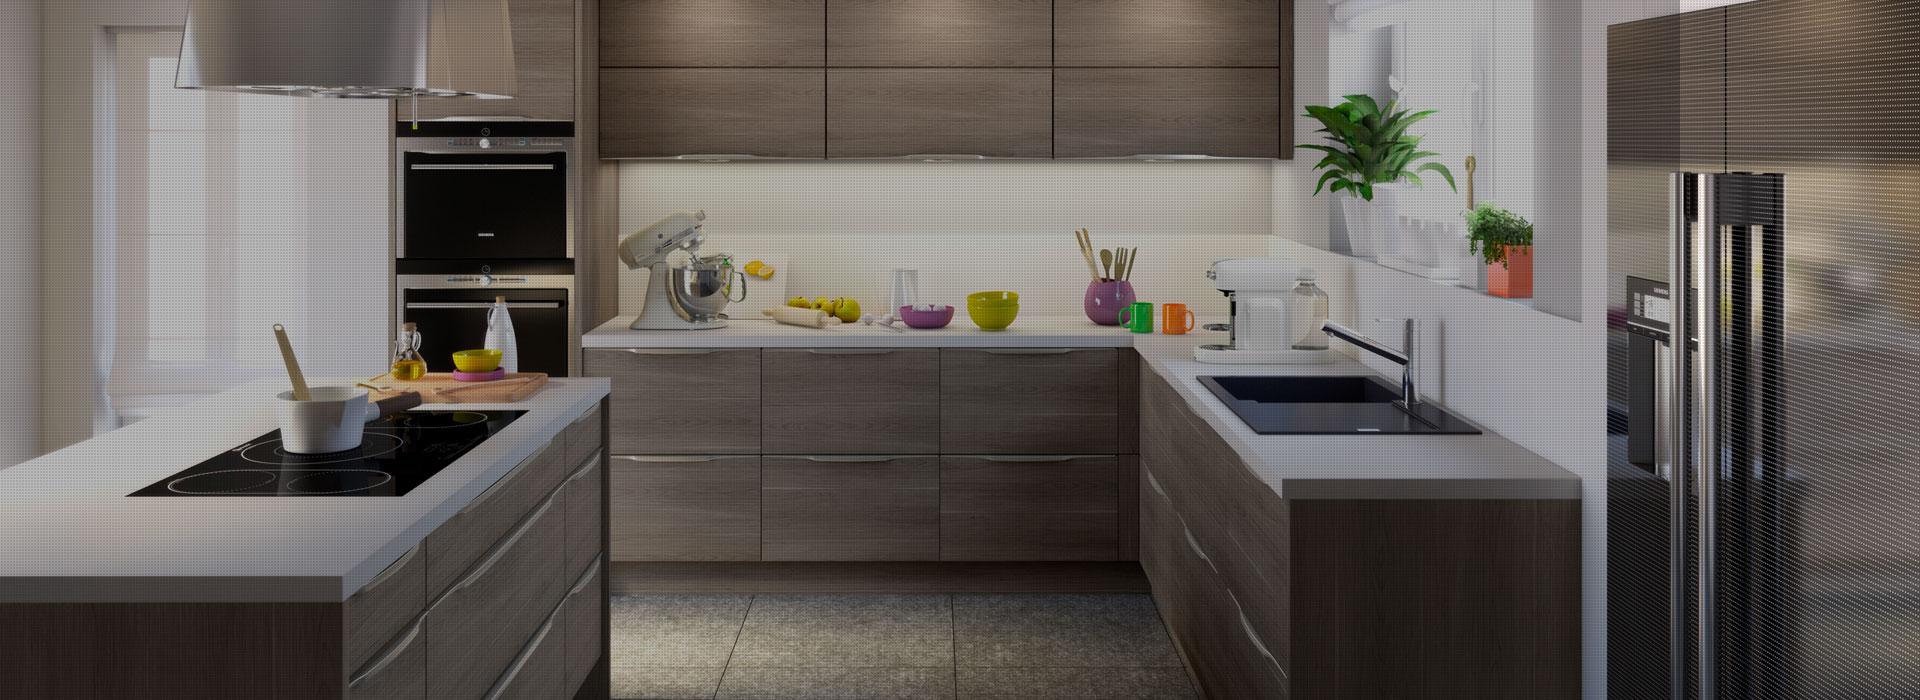 Cuisine quip e meuble bas maison et mobilier d 39 int rieur for Cuisine equipee meuble bas